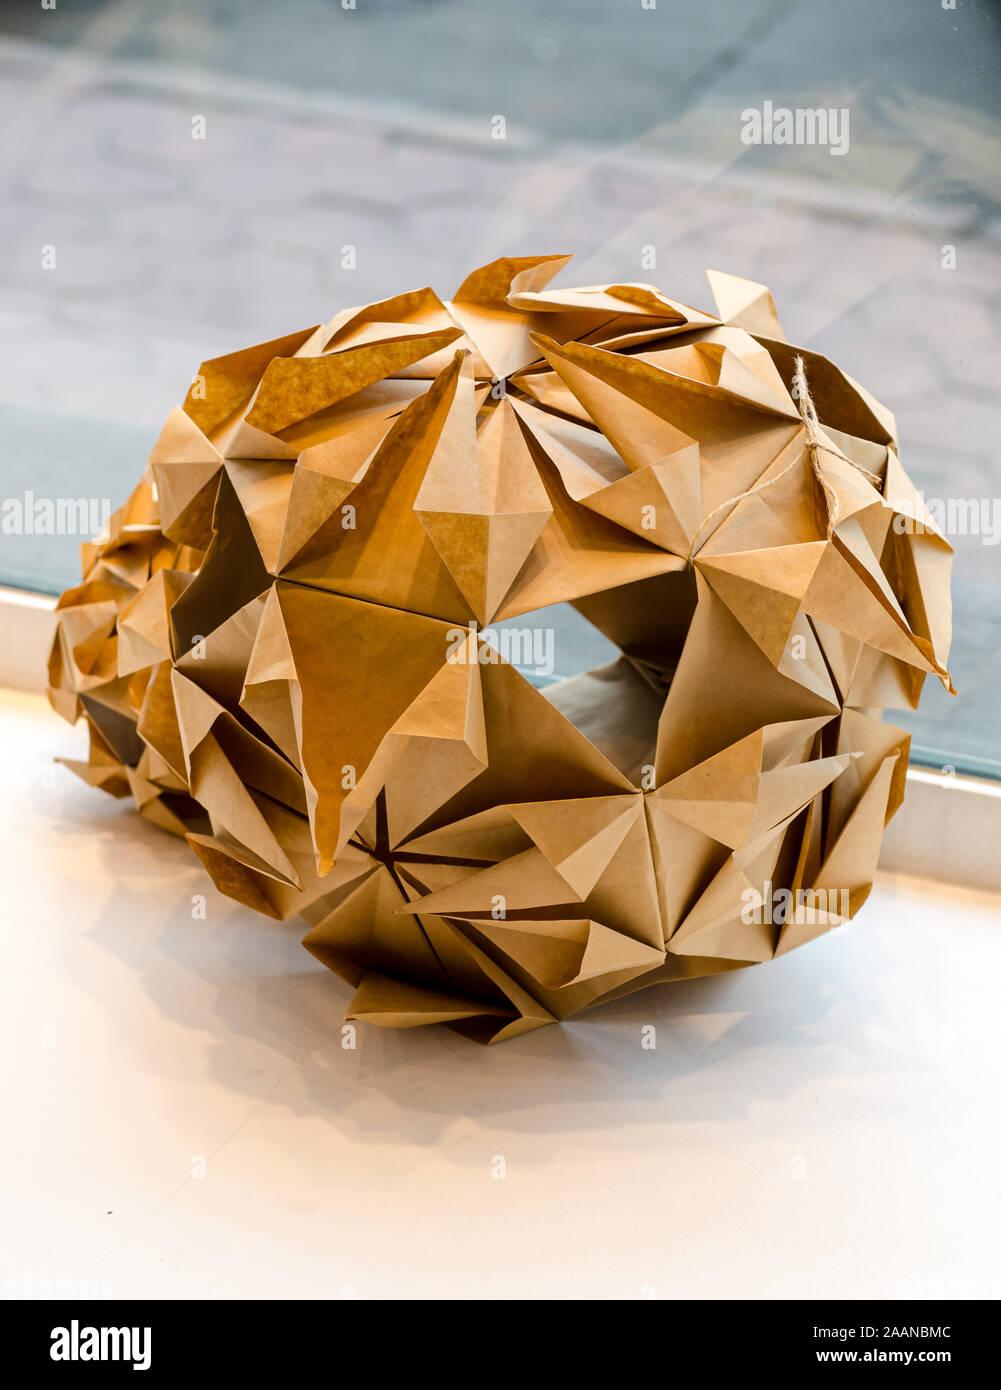 Modular Origami, Sonobe Ball, On White Background Stock Photo ... | 1390x1001